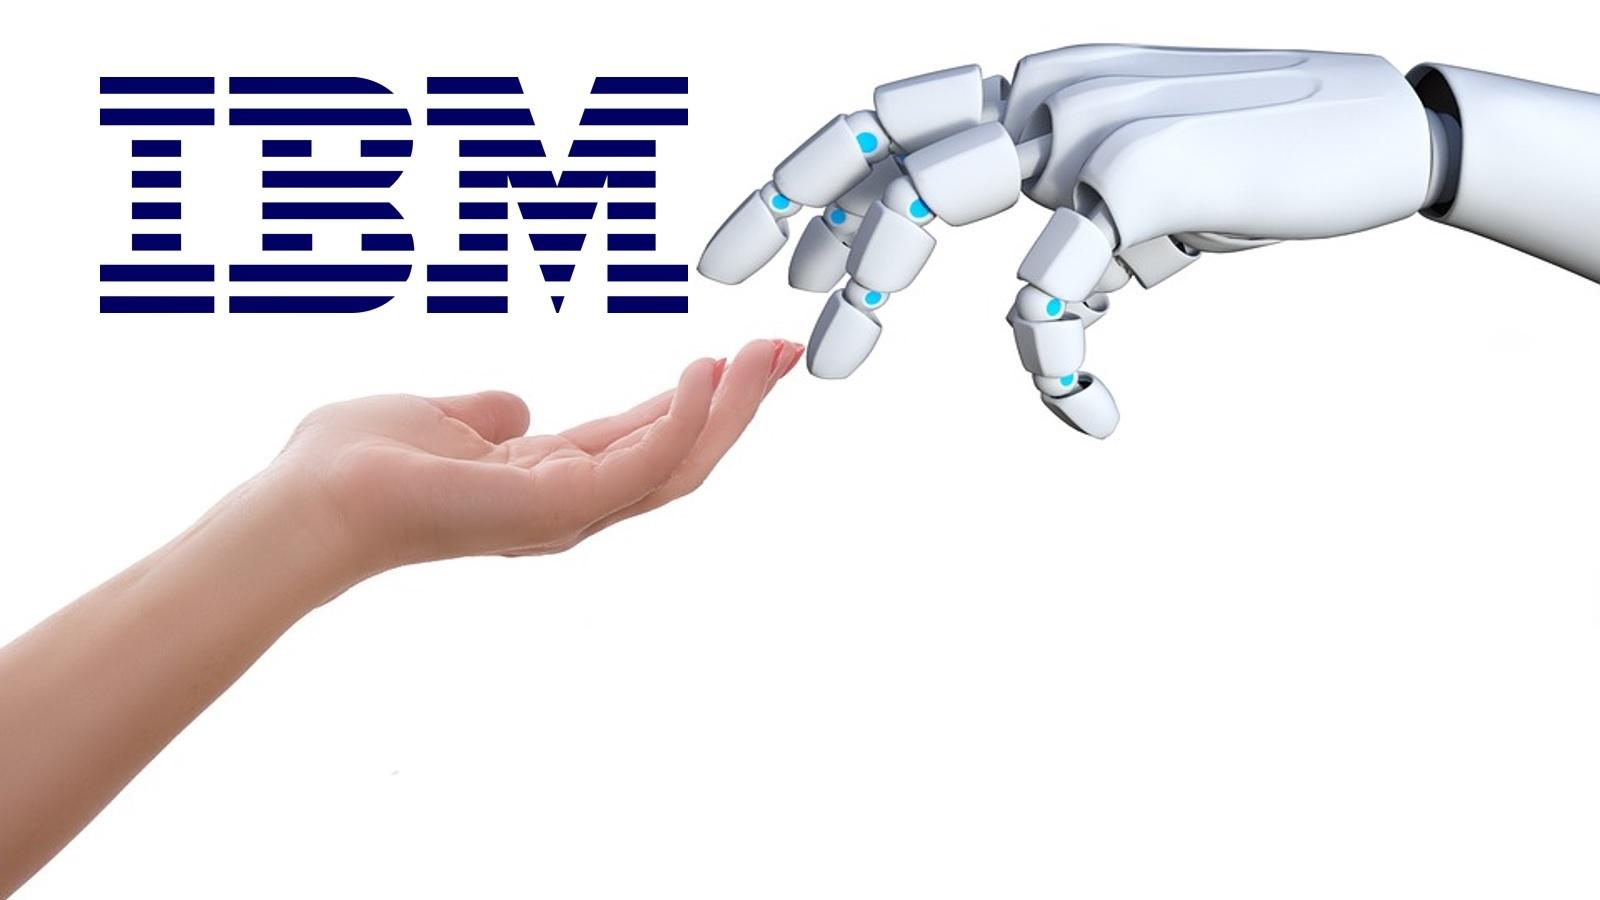 Curso Gratuito en Español sobre Ciencia de Datos y Aprendizaje Automático